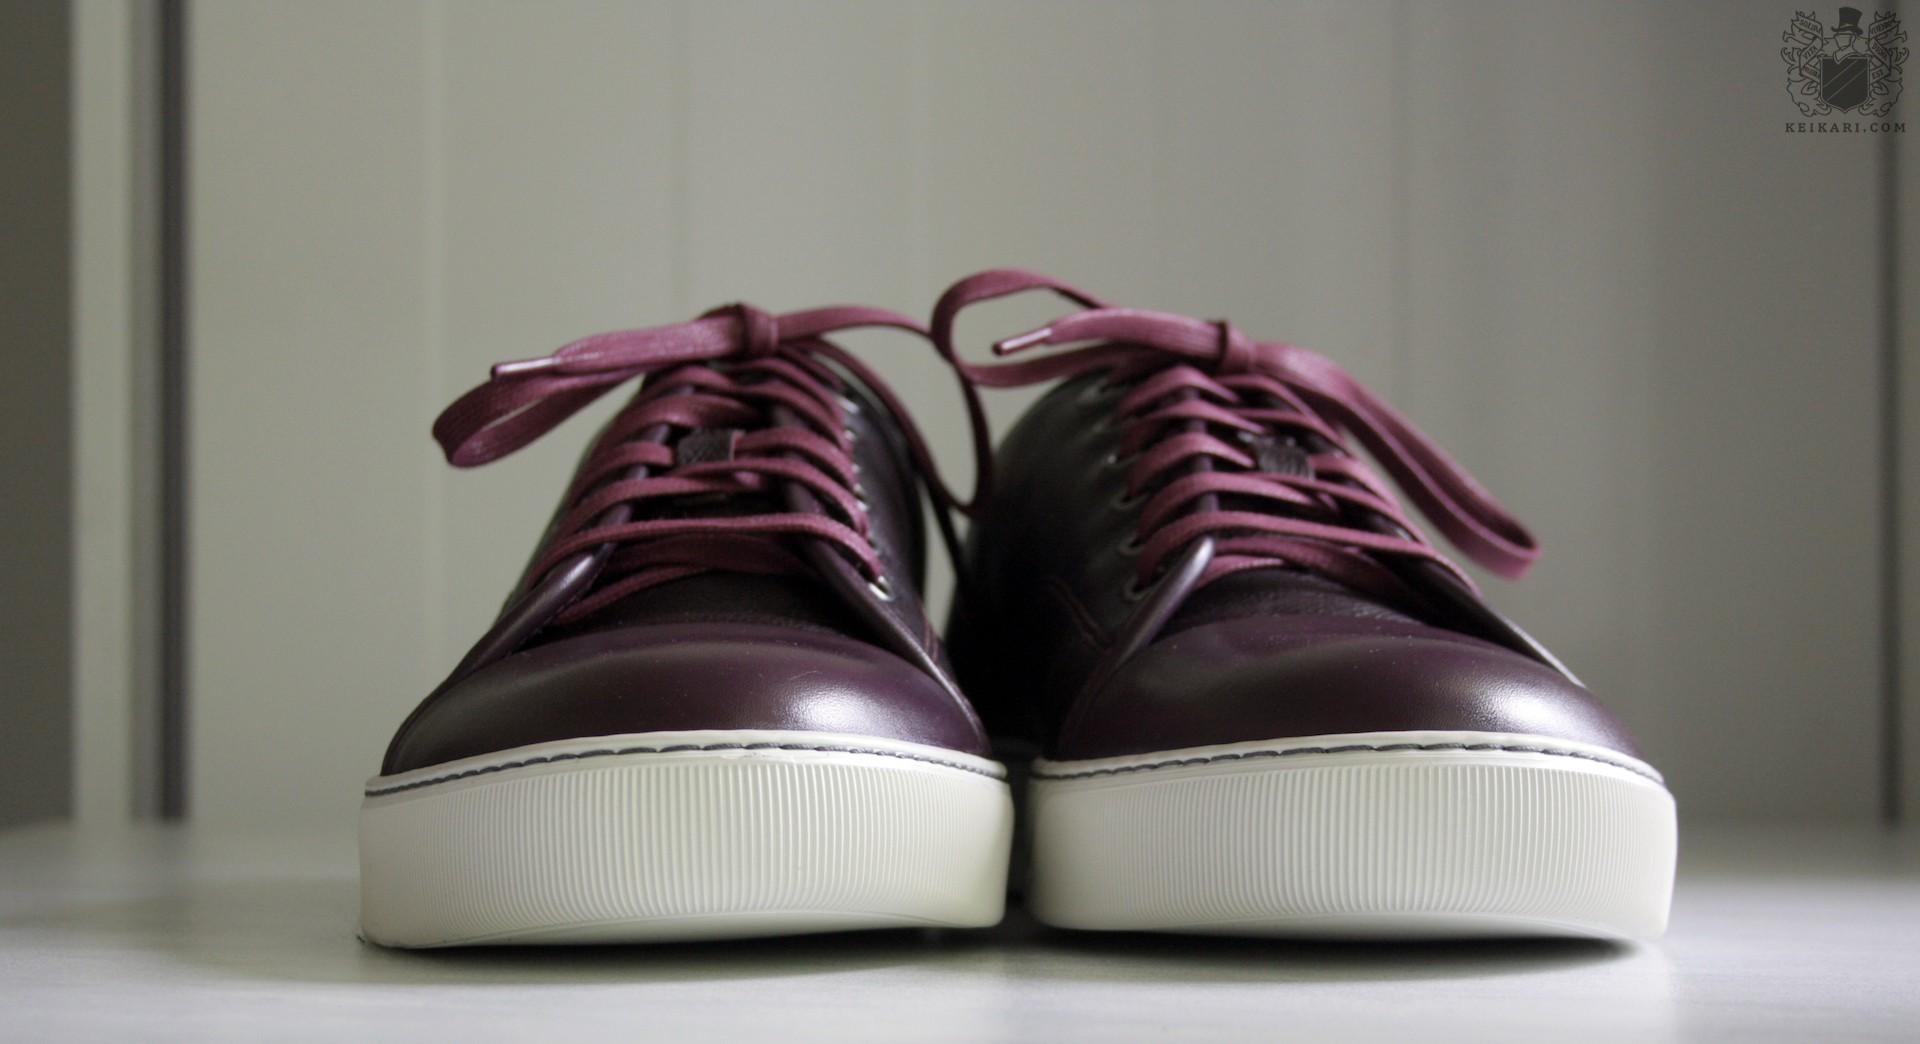 Anatomy_and_review_of_Lanvin_sneakers_at_Keikari_dot_com03.jpg